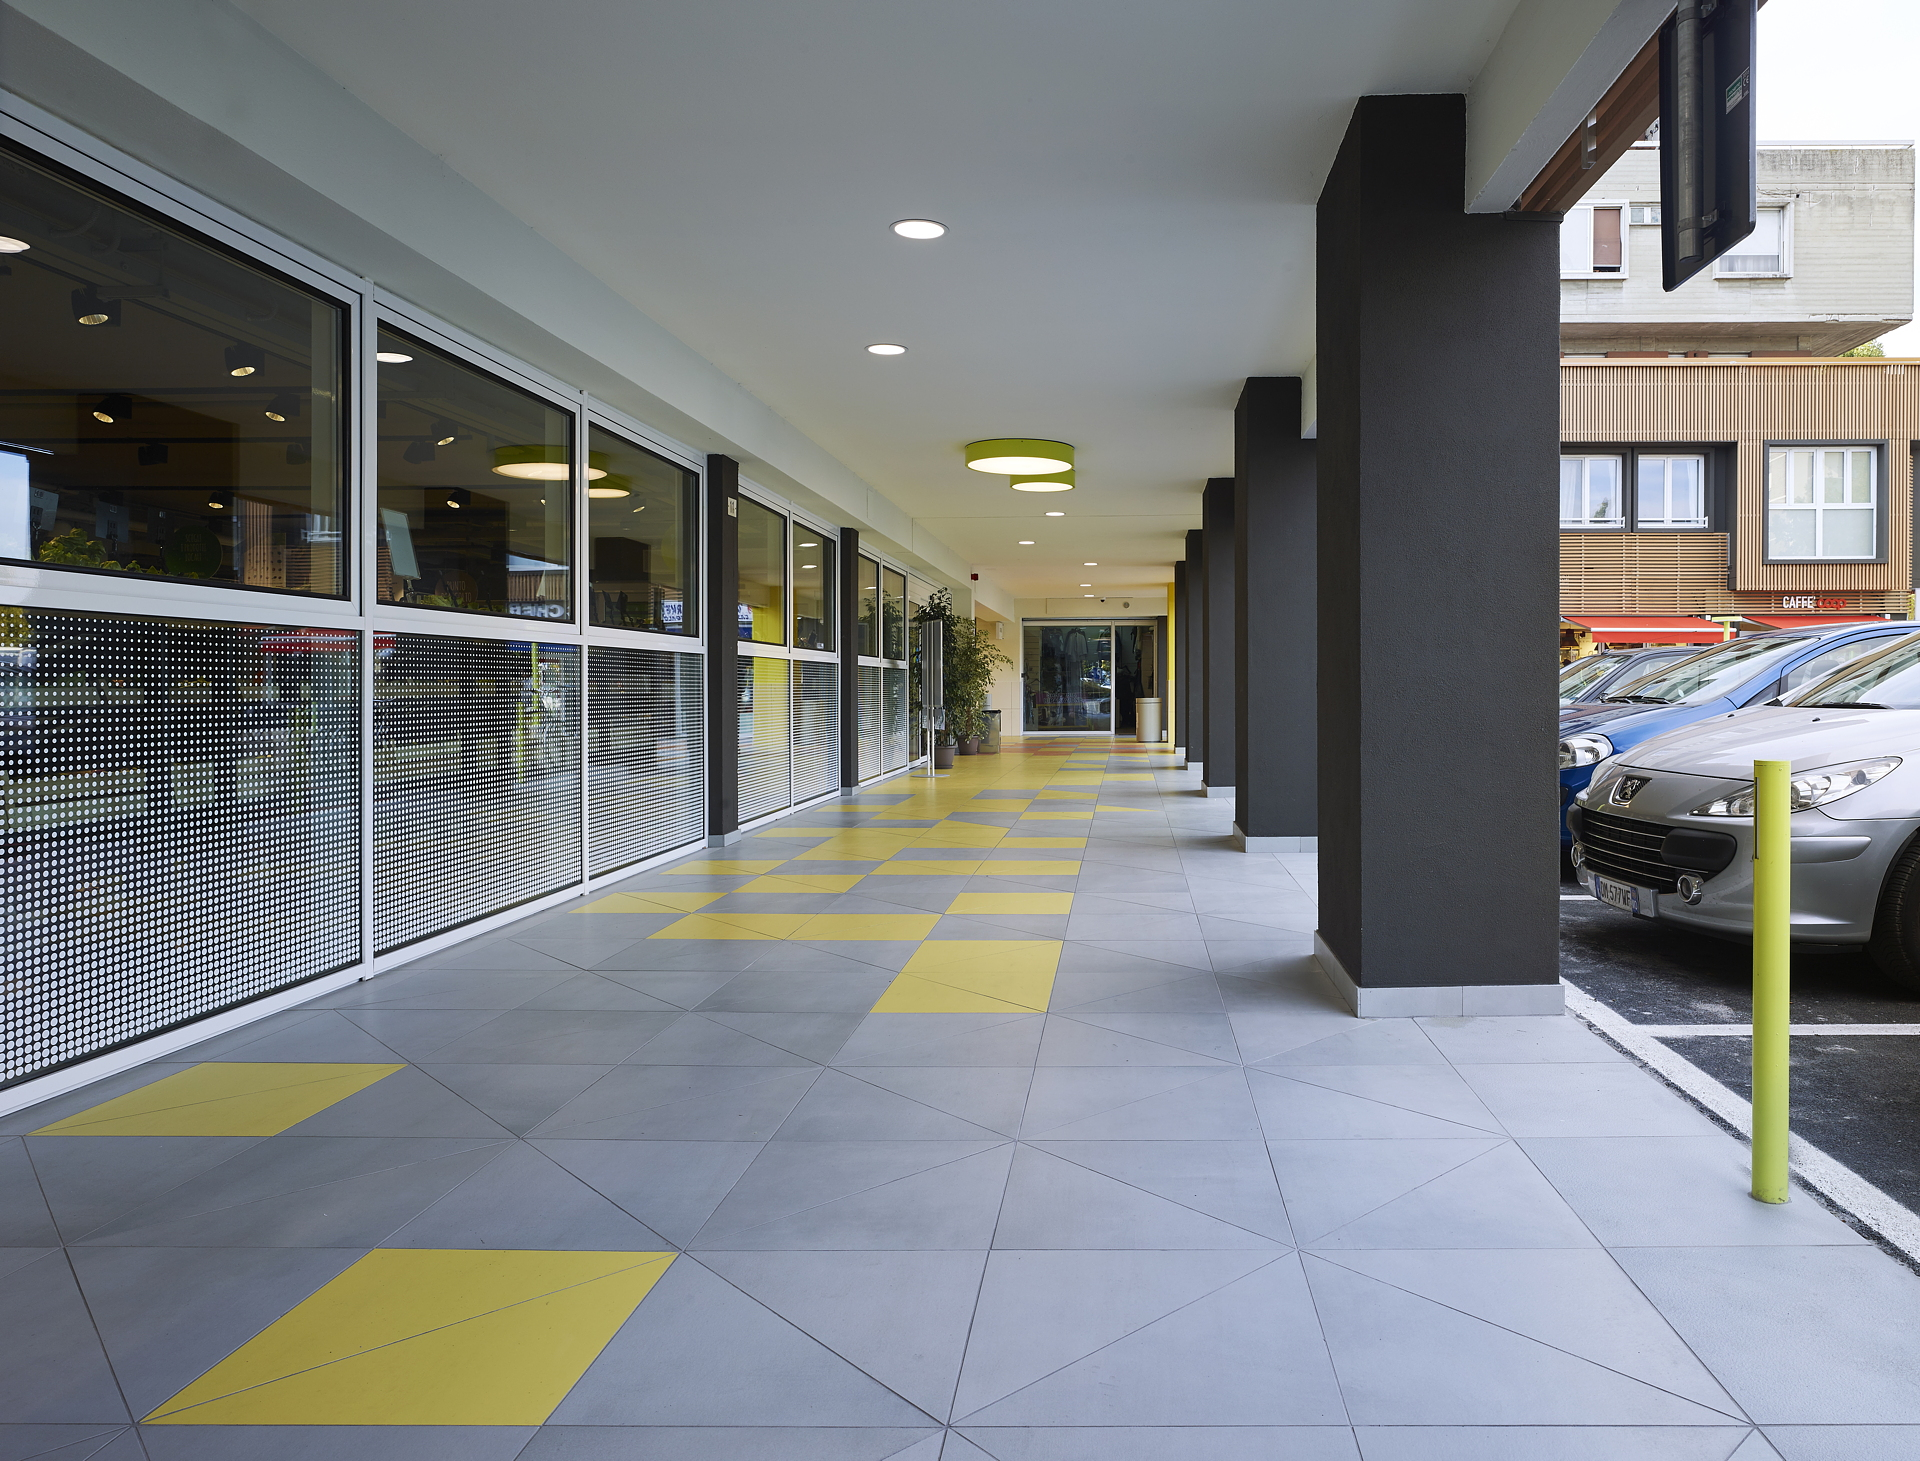 Area 17-INRES: Riqualificazione Galleria R-Nord Modena